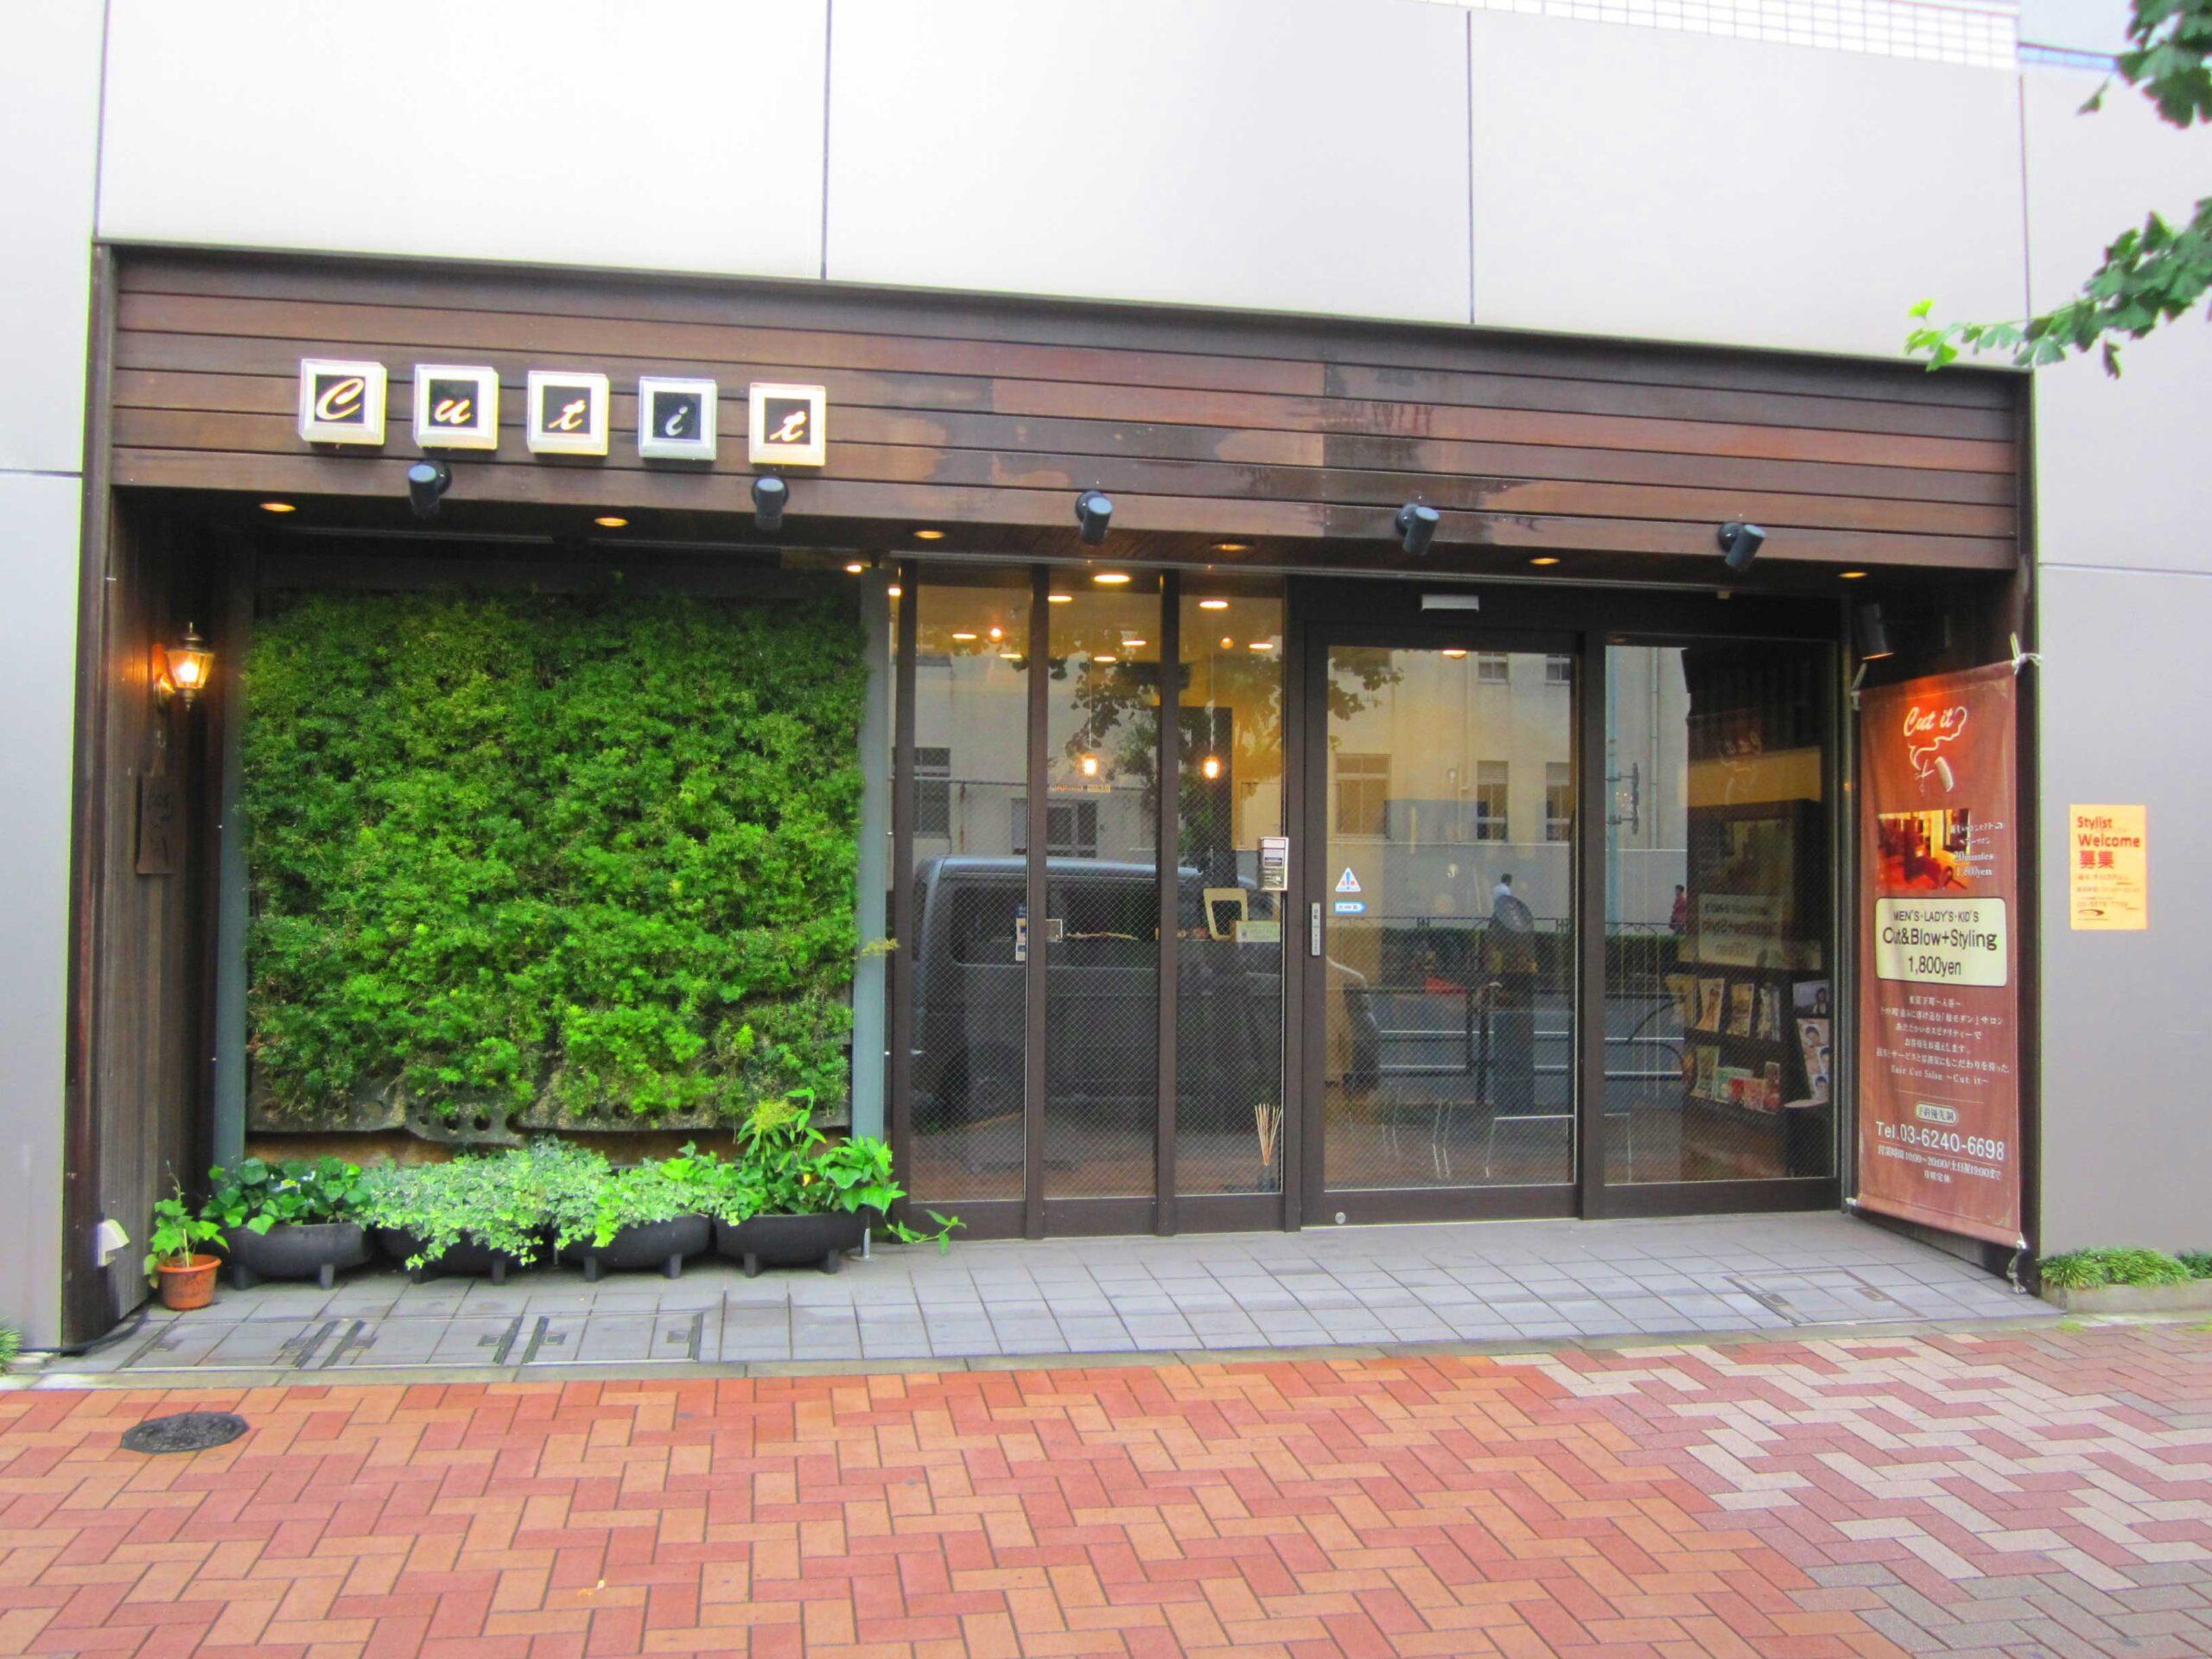 1000円 床屋 安い 美容院 美容室 入谷 予約可